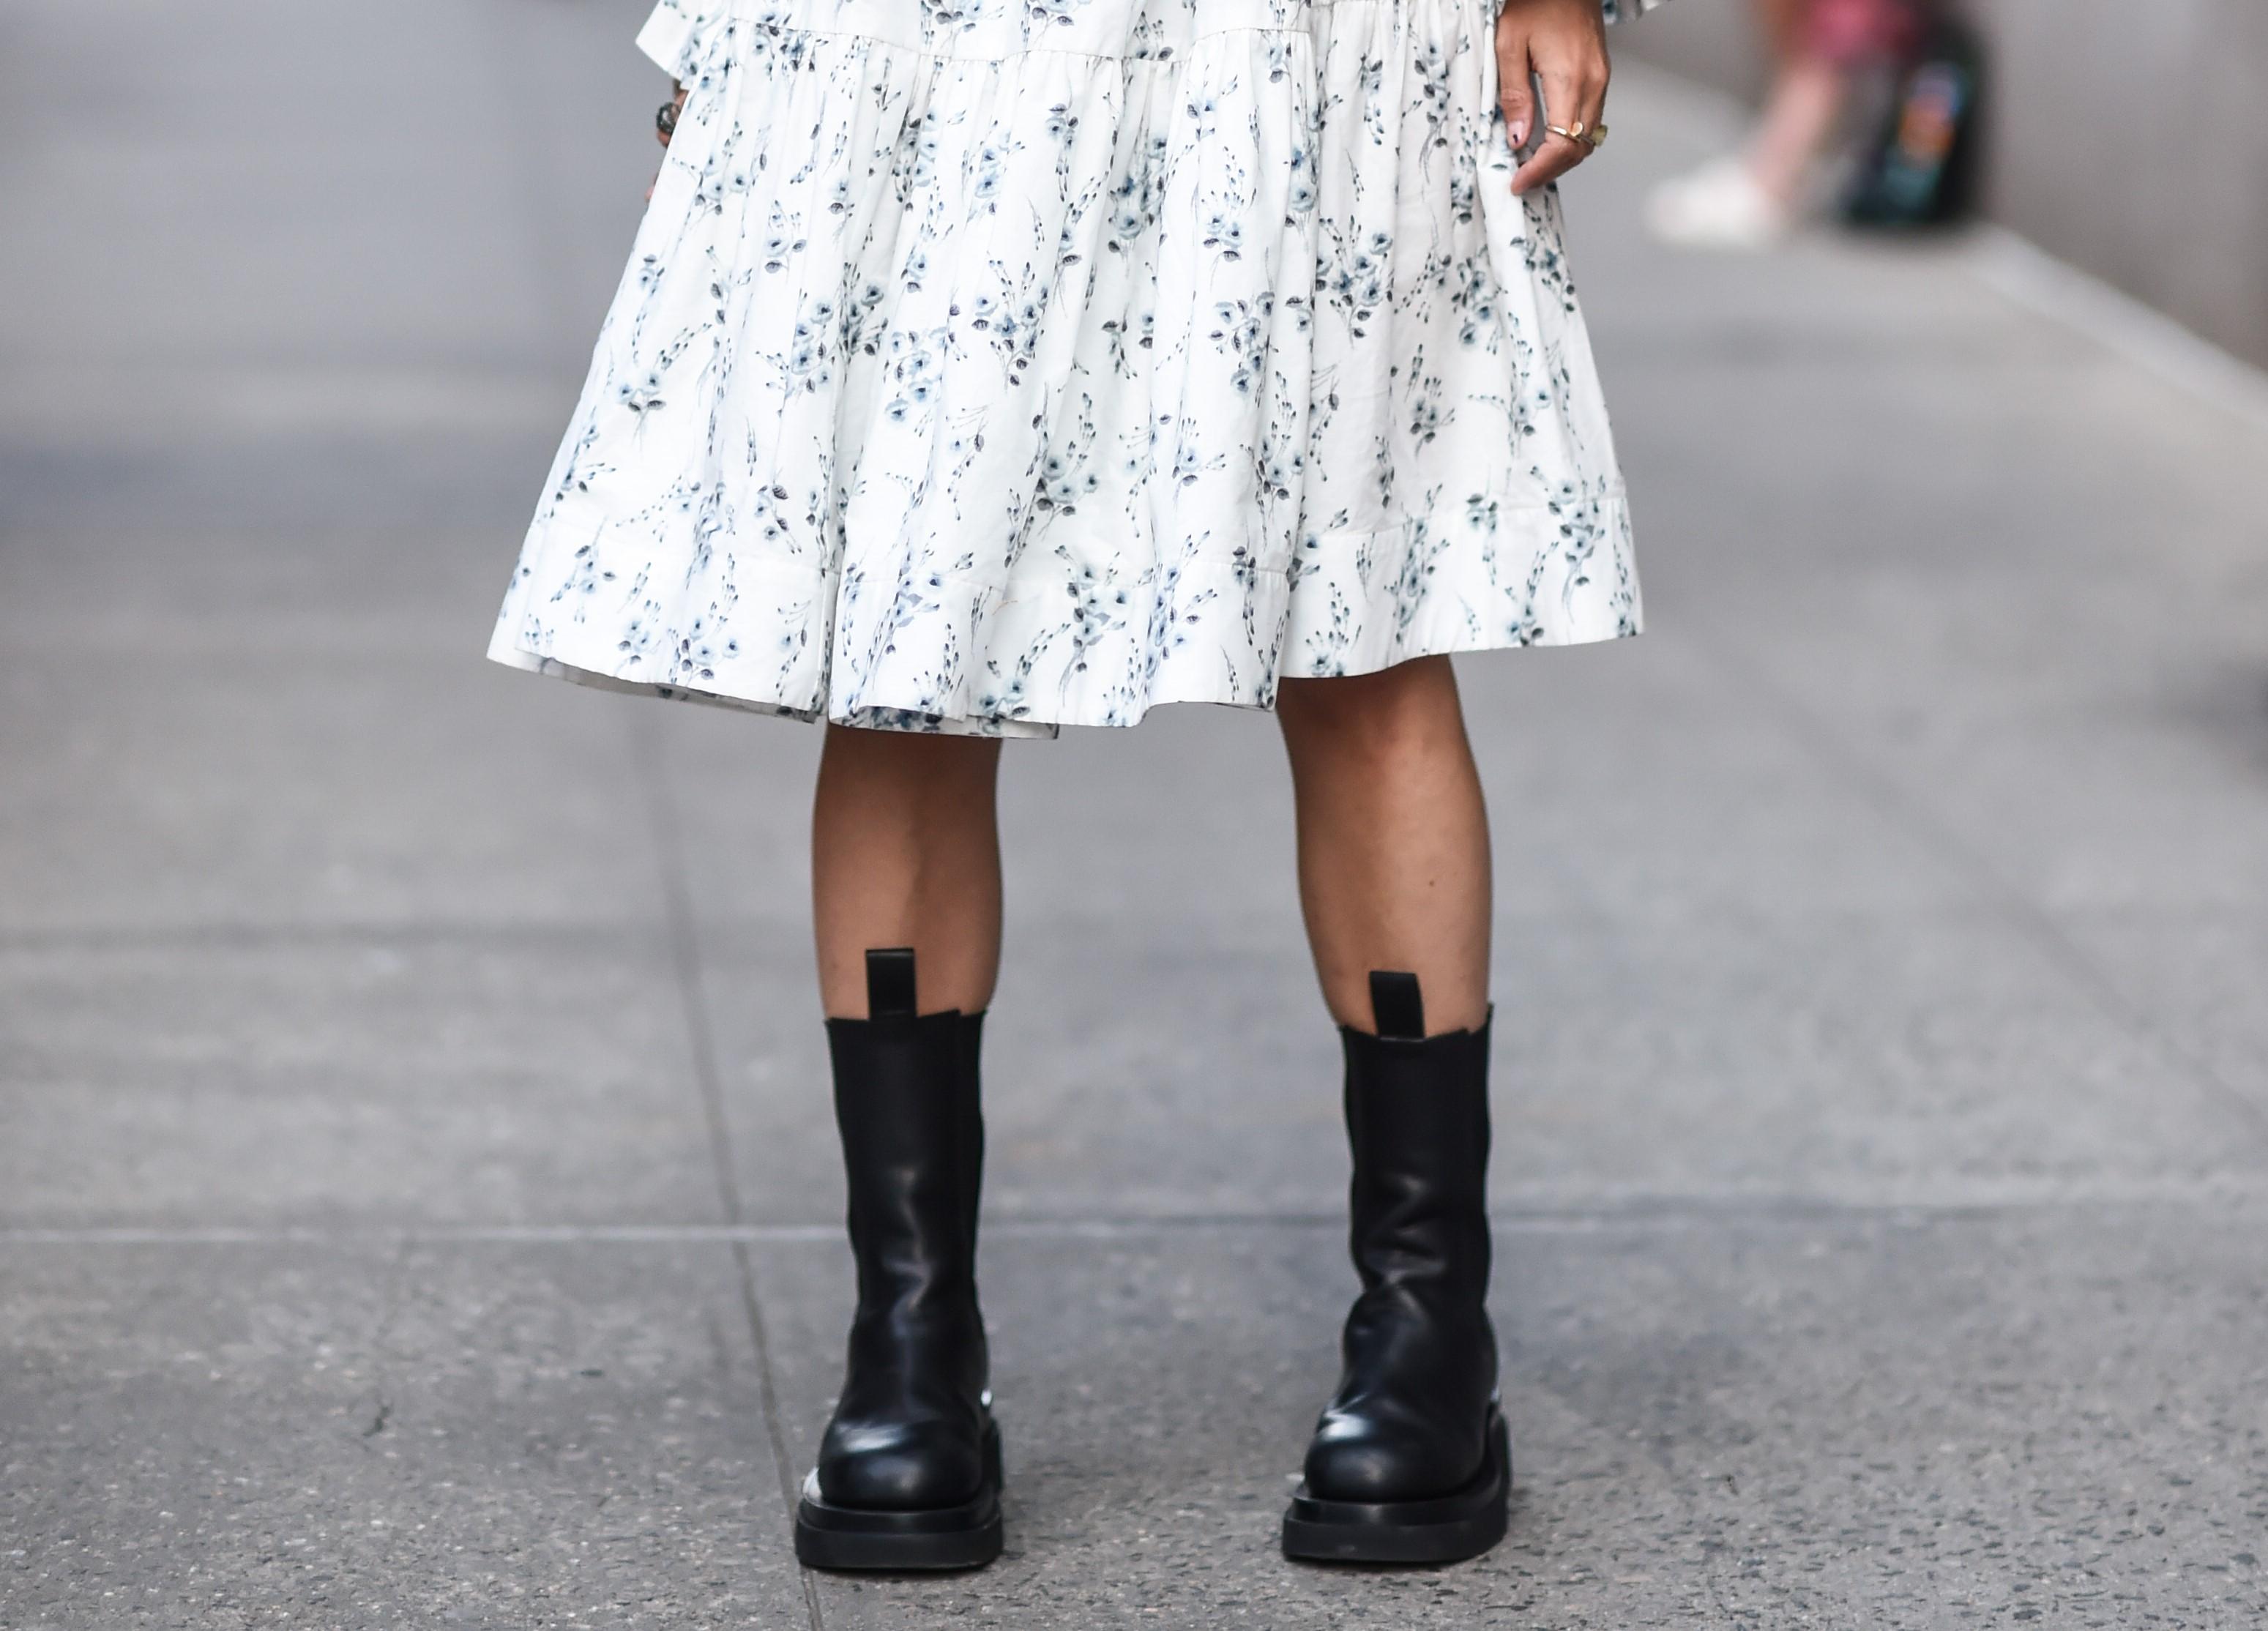 Buty Trendy Moda Wiosna 2020 Modne Buty Na Wiosne Kobieta Pl